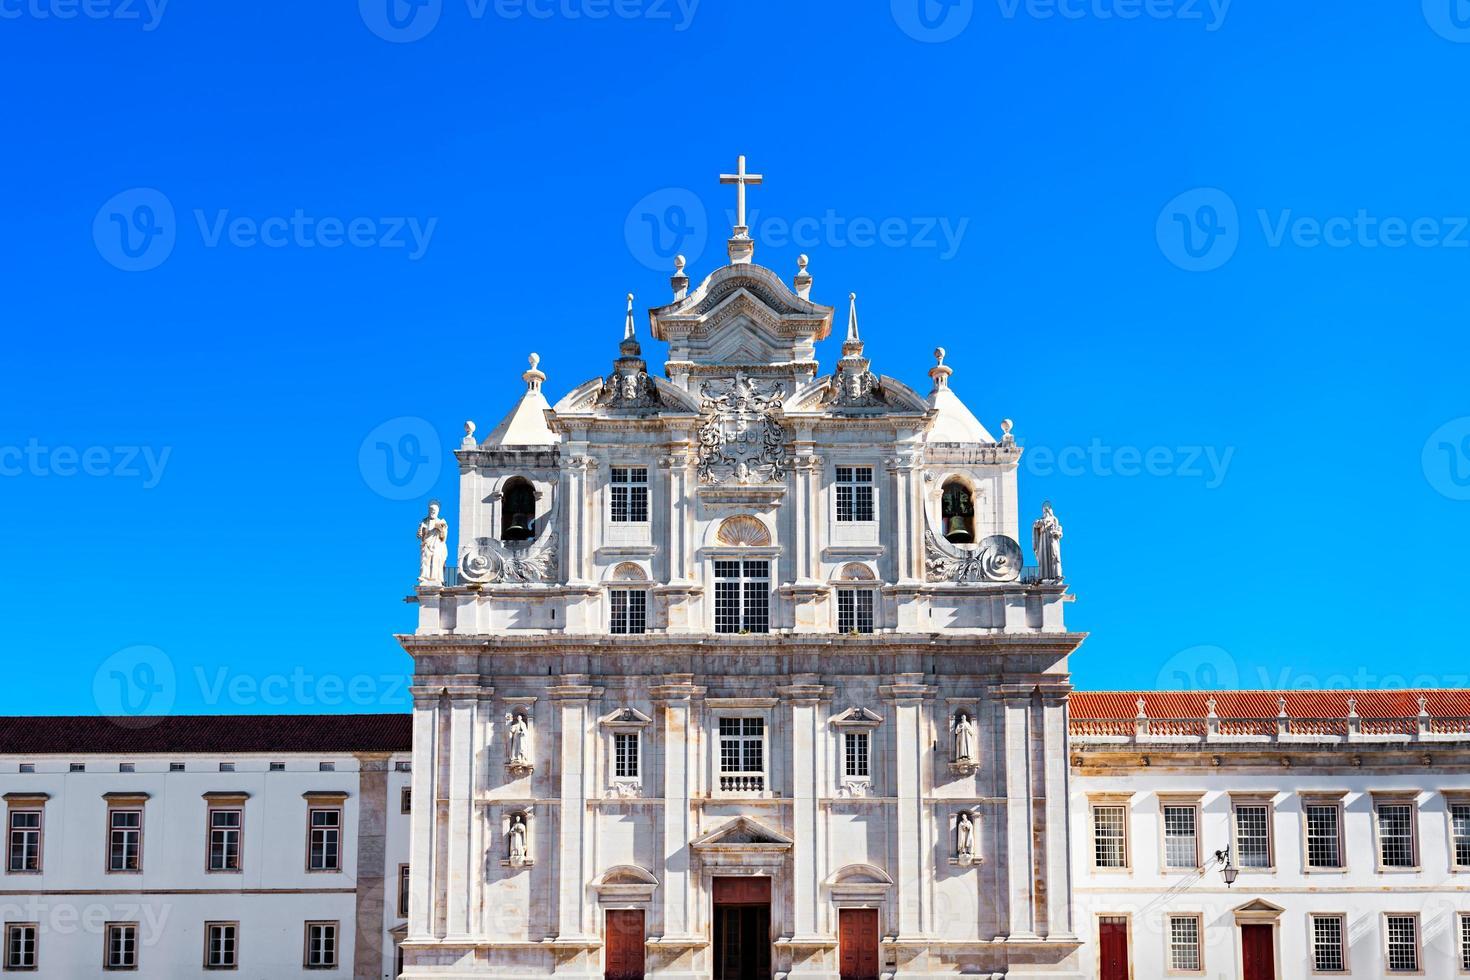 de nieuwe kathedraal foto